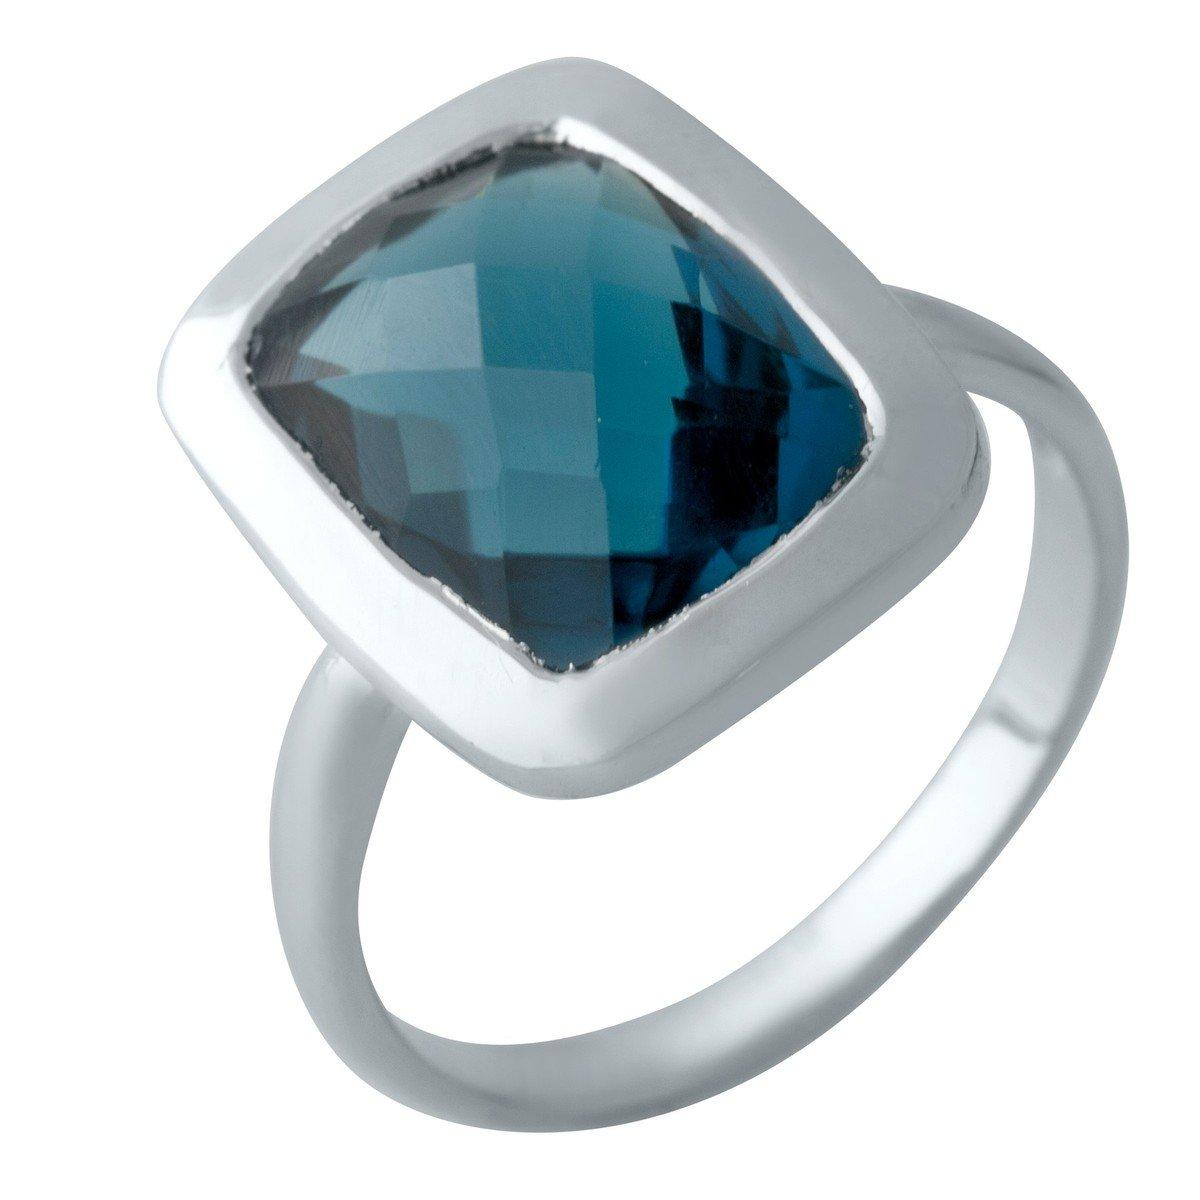 Серебряное кольцо DreamJewelry с натуральным топазом Лондон Блю 4.875ct (2012436) 18 размер